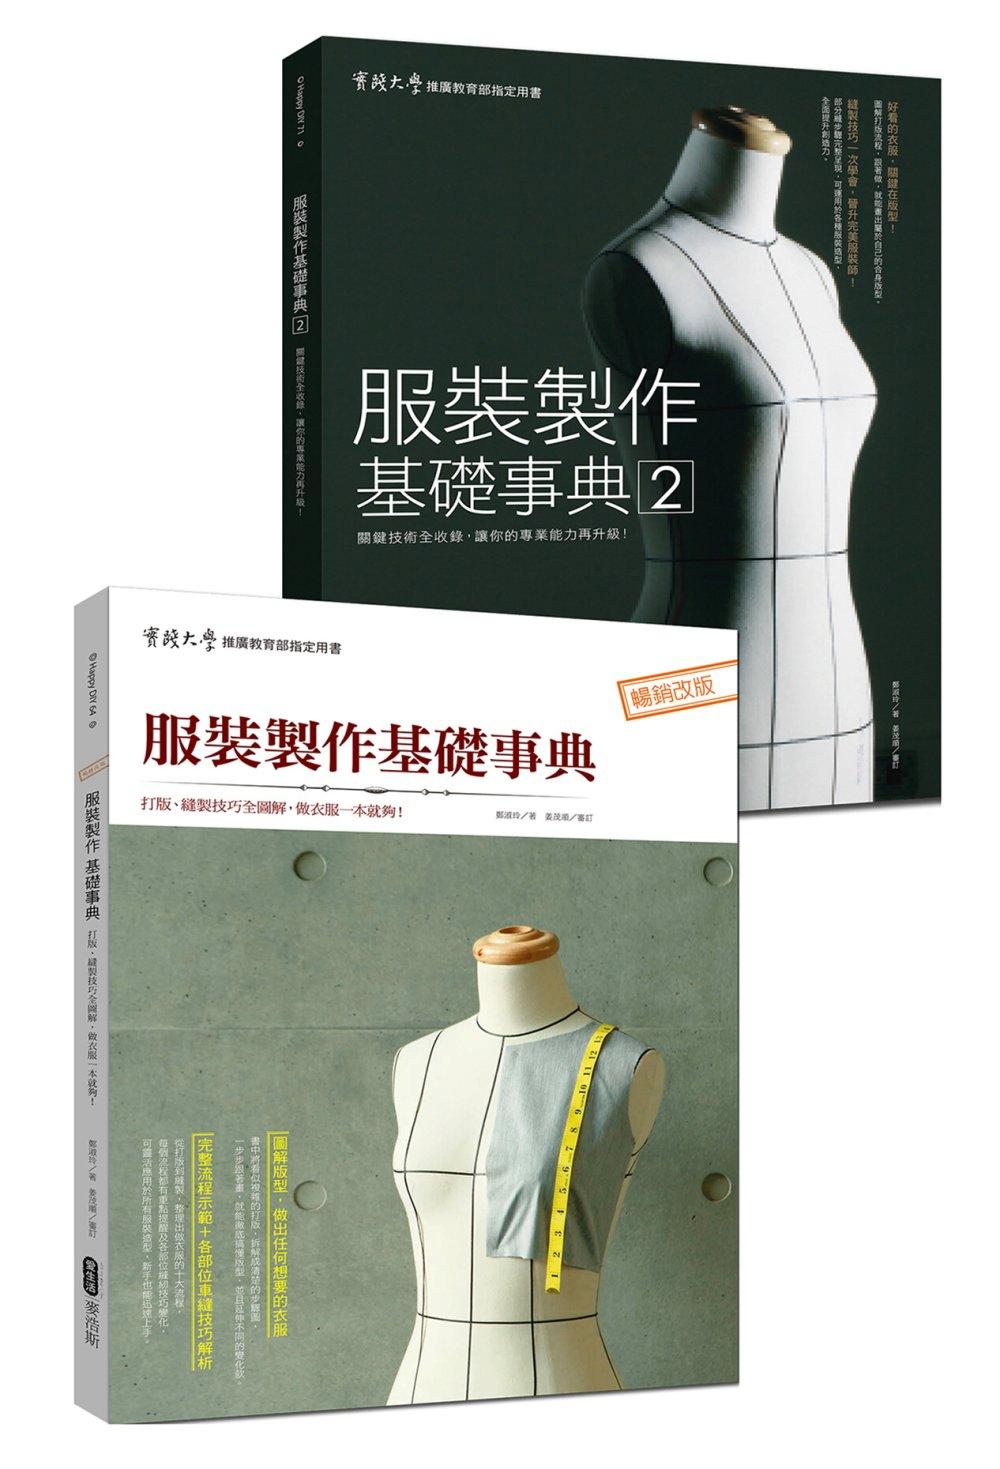 服裝製作基礎完全學習(套書):服裝製作基礎事典1+2